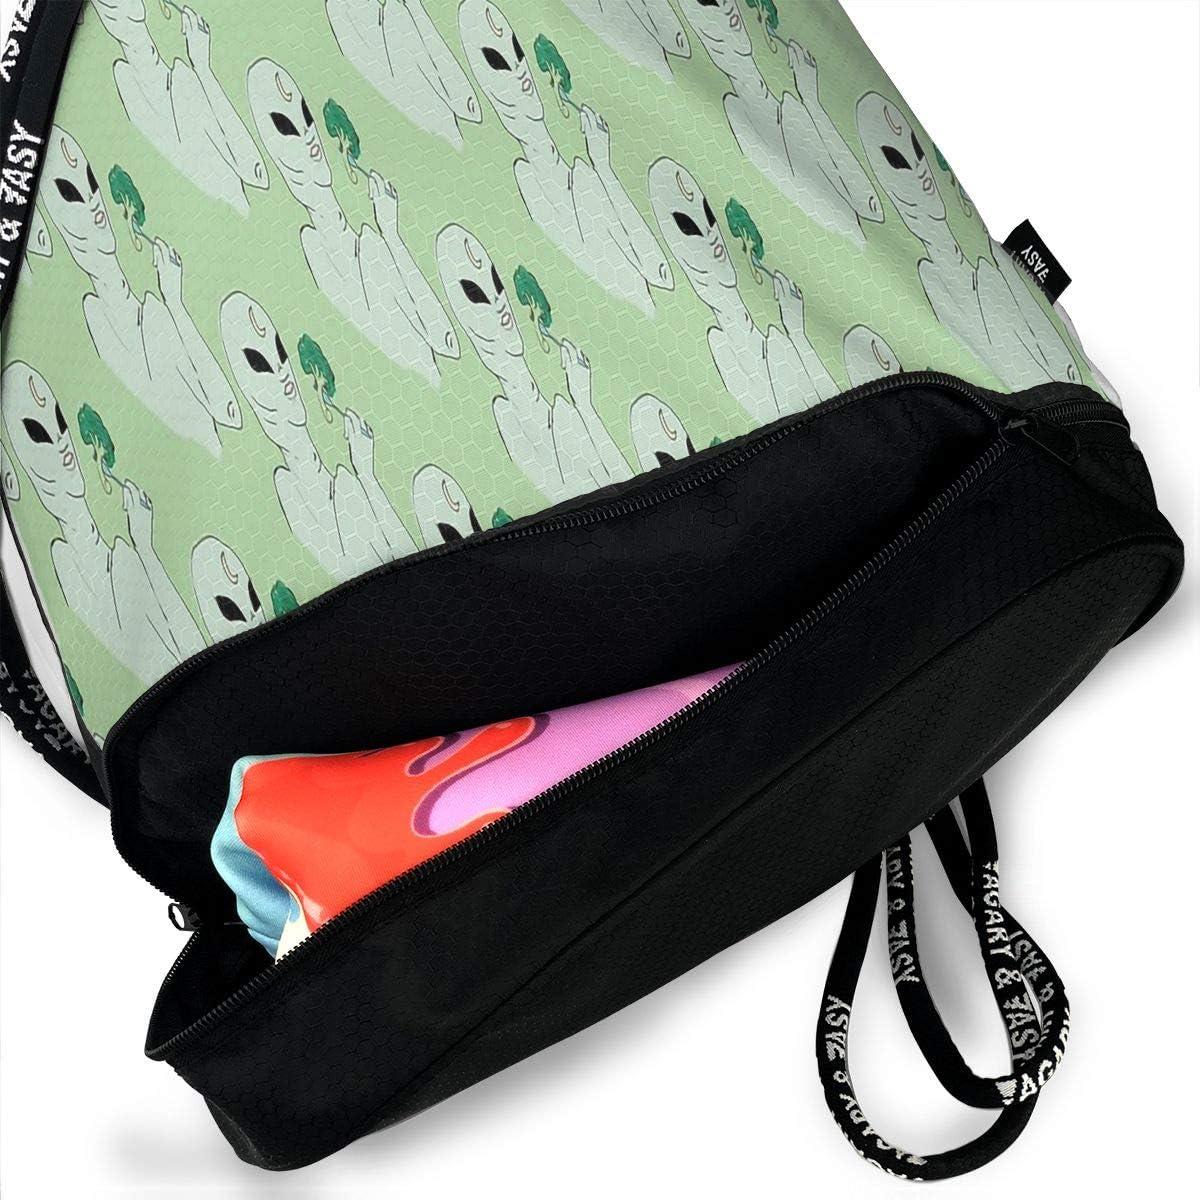 Drawstring Backpack Broccoli Shoulder Bags